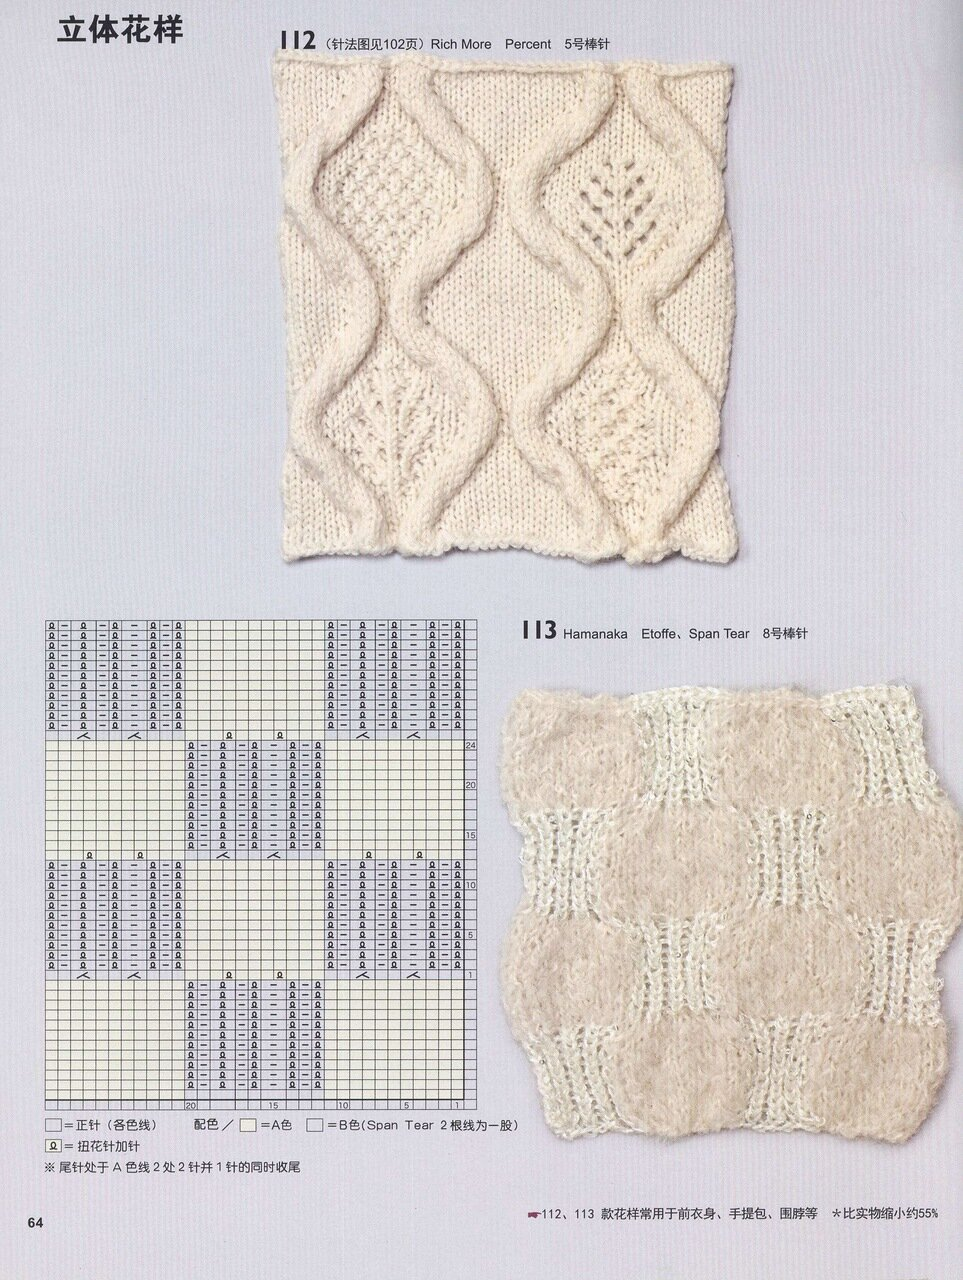 冈本启子的创意棒针编织花样精选150(1) - 彩凤双翼 - 彩凤双翼